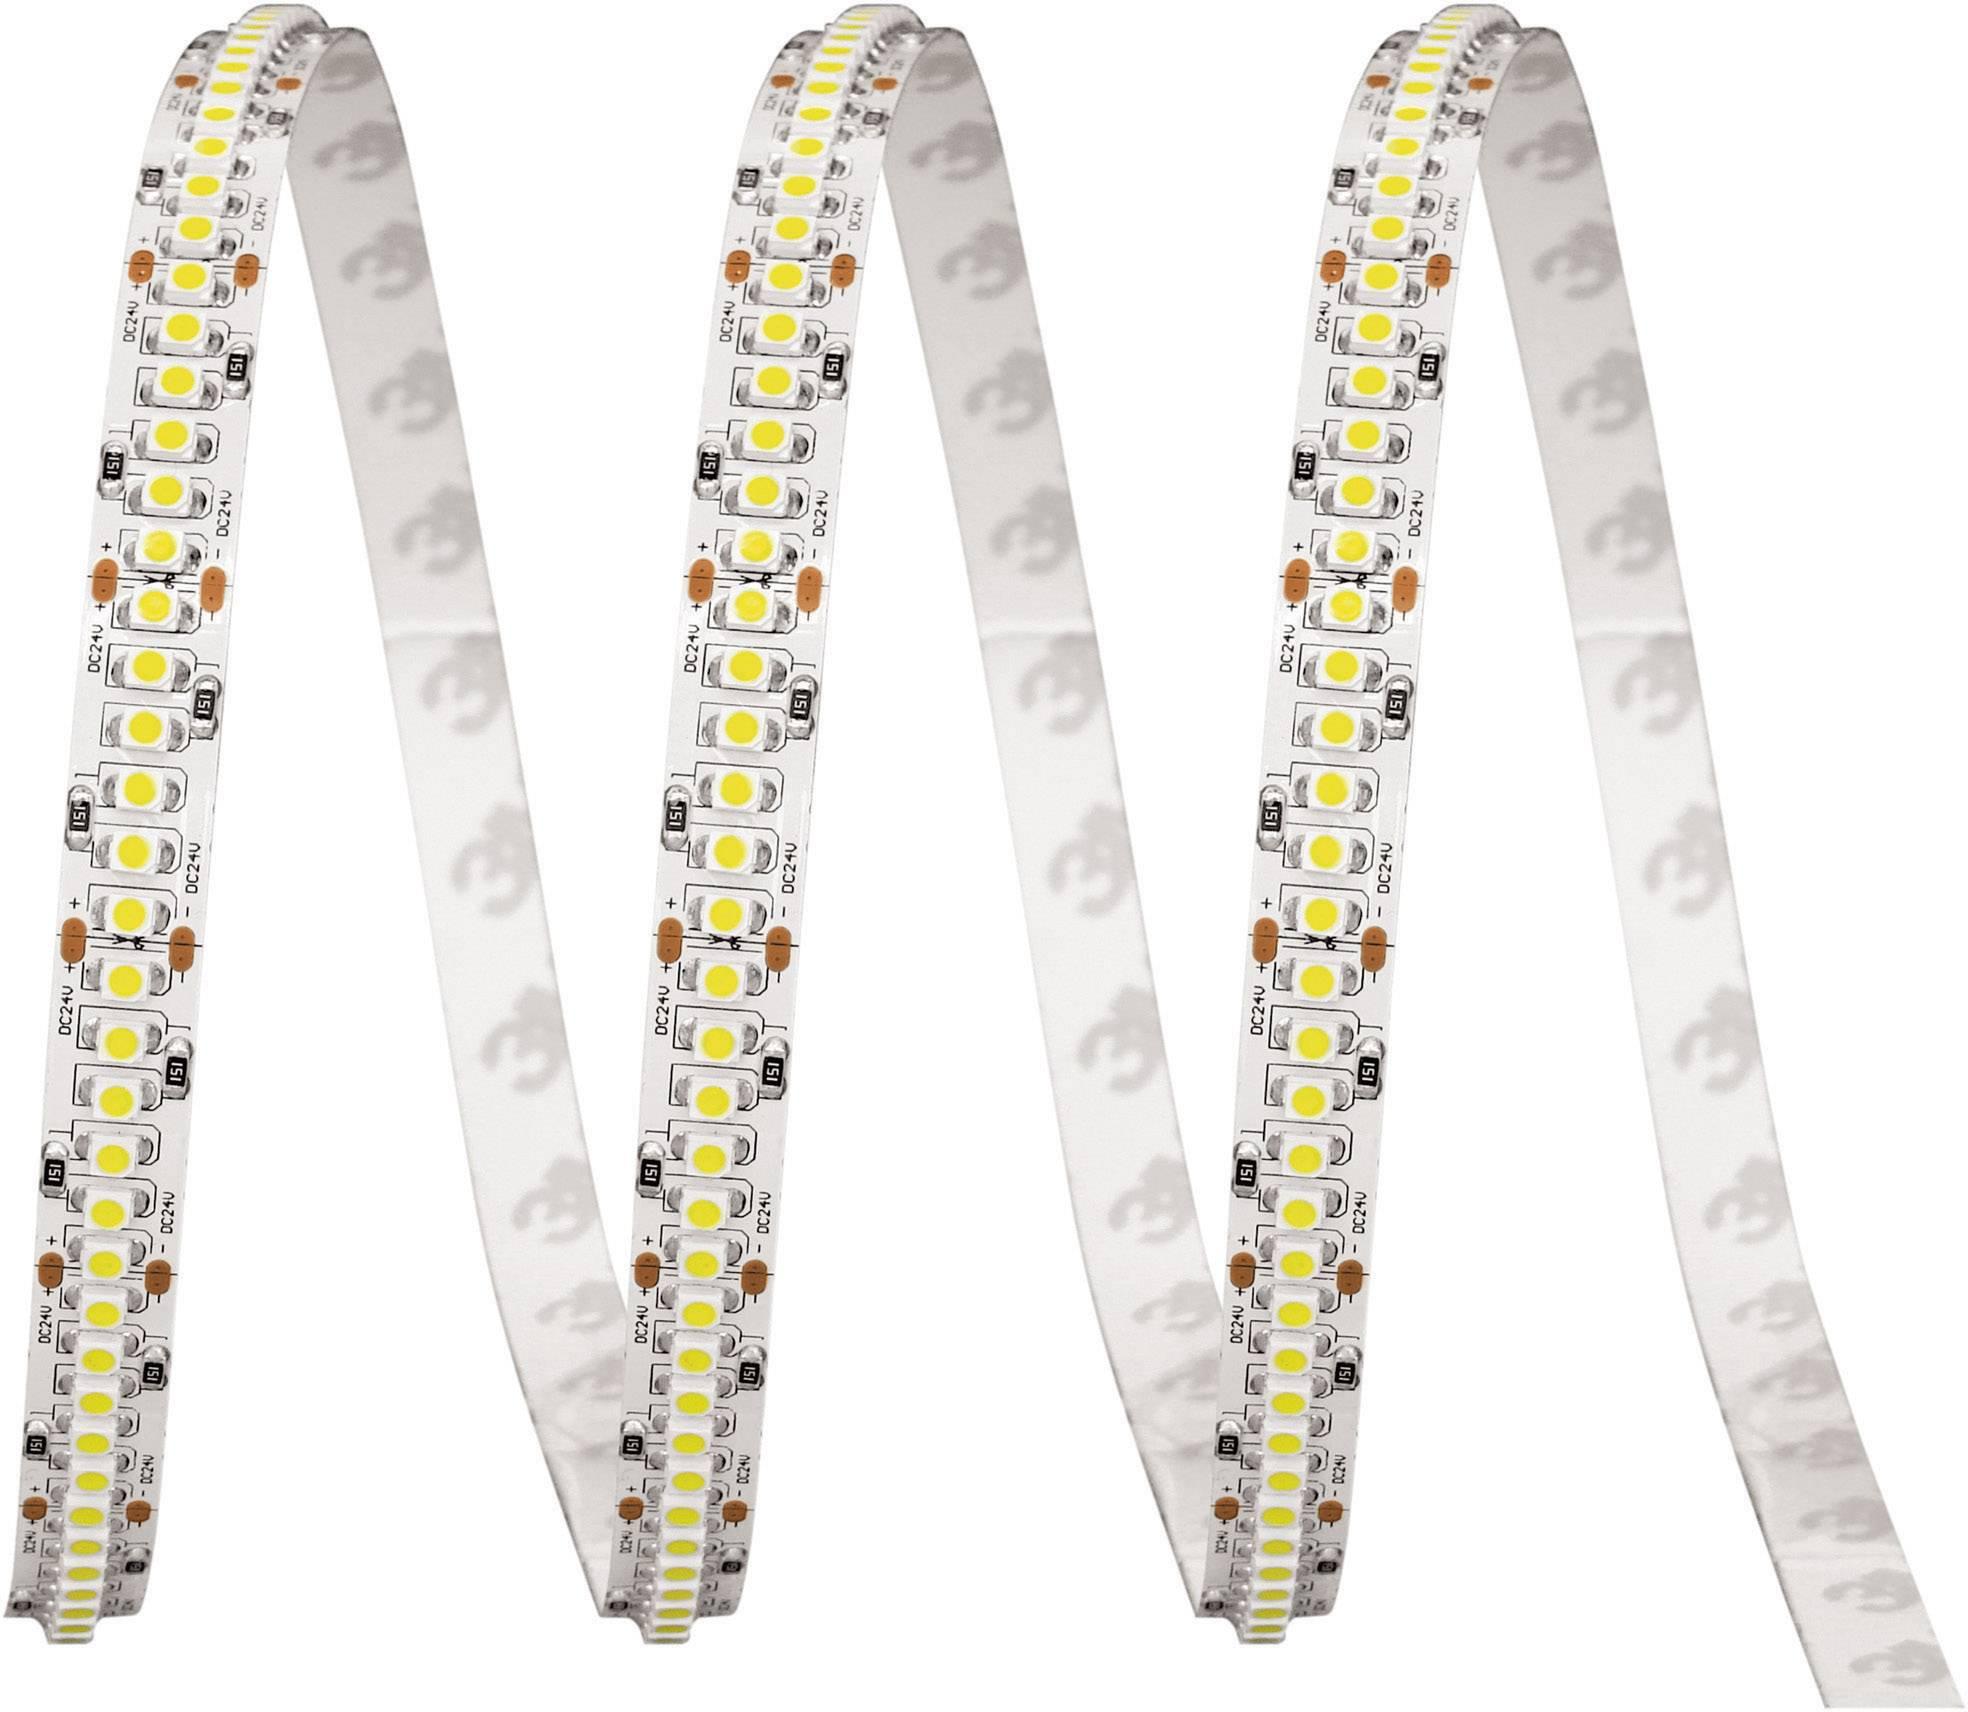 LED pás ohebný samolepicí 24VDC ledxon High Power Multi SMD Band, 9009143, 25 mm, teplá bílá